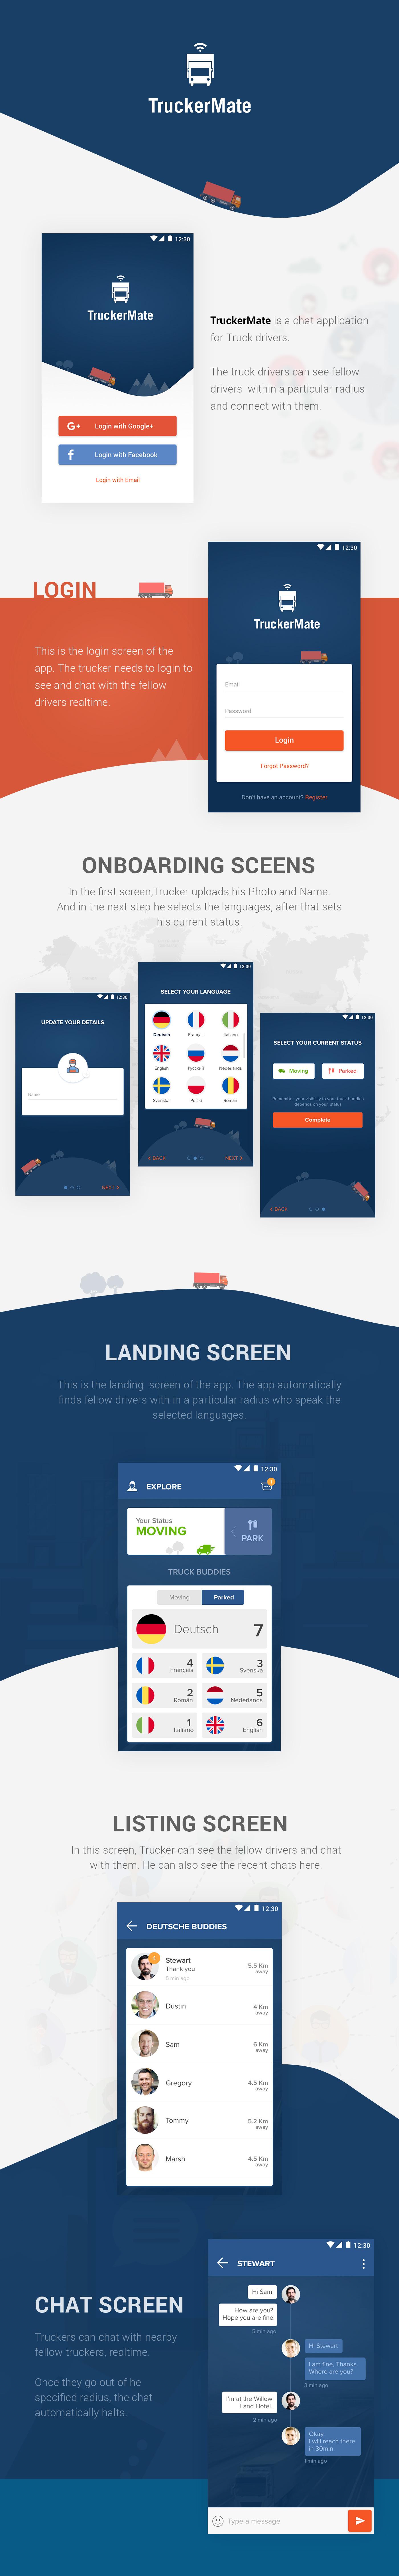 Android App app designig UI designing UX Designing Mobile app